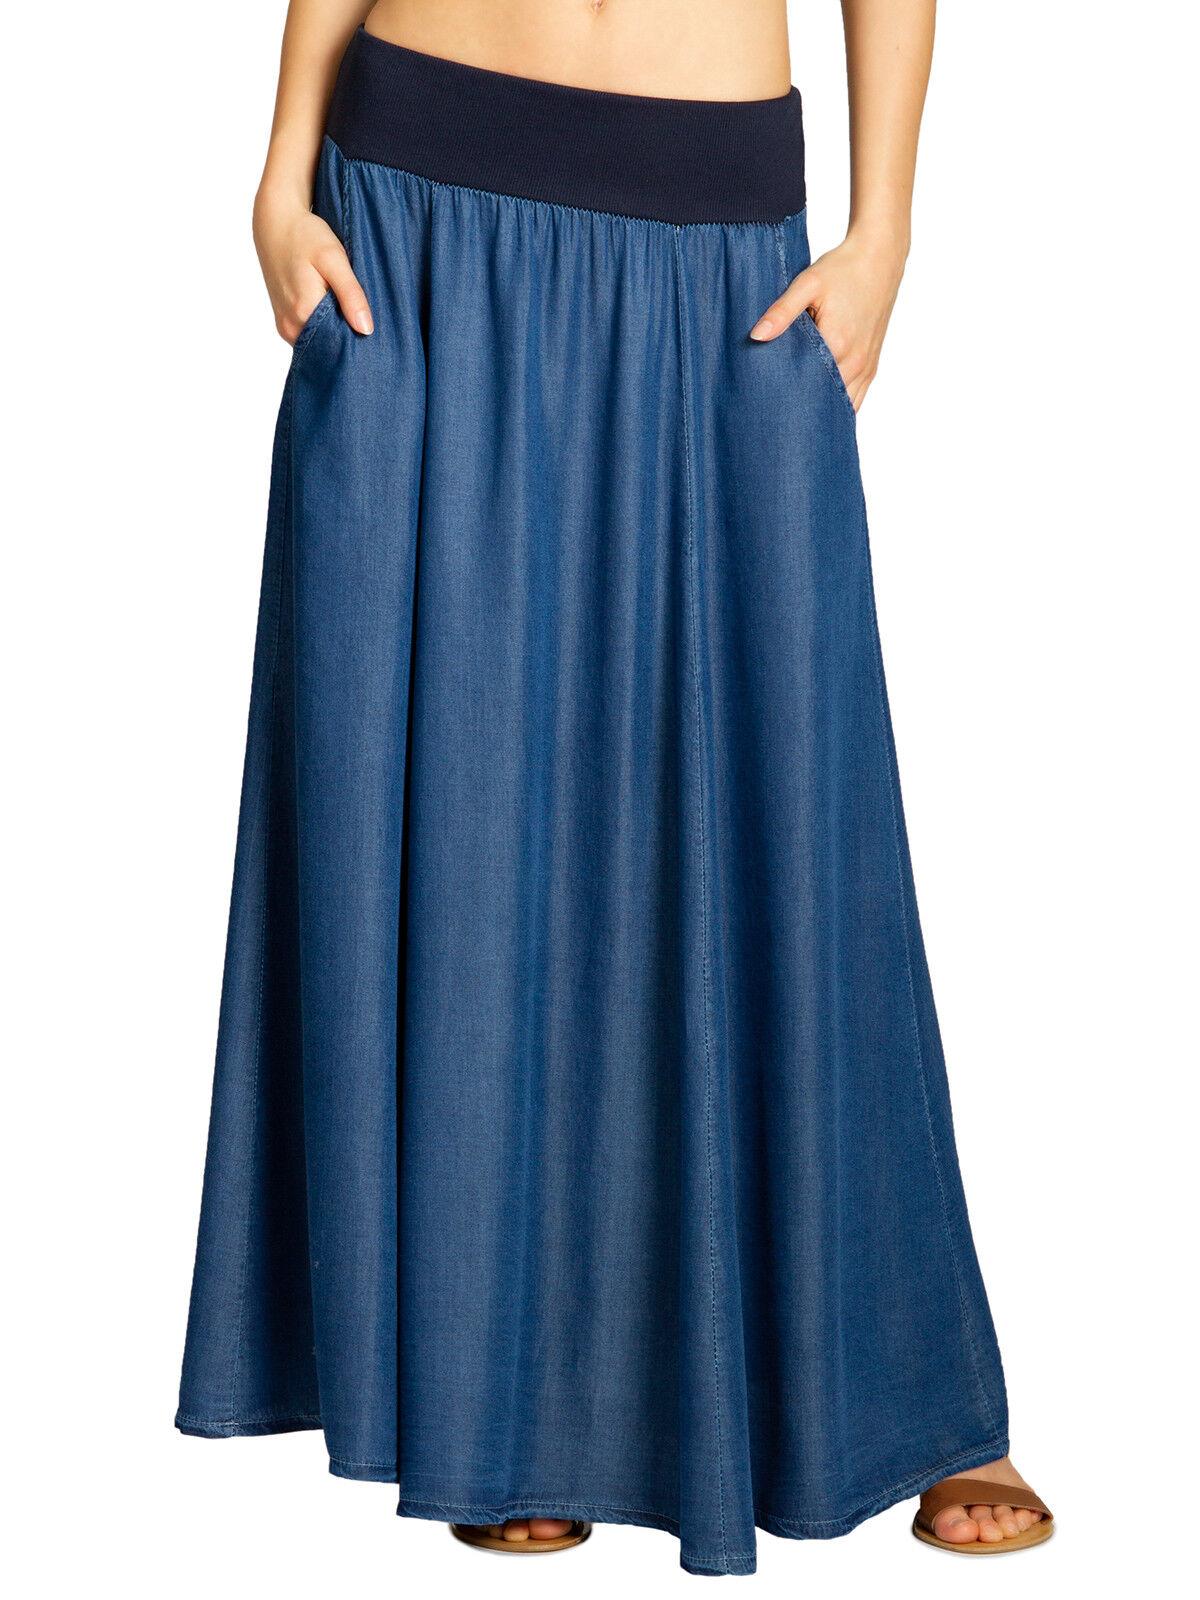 CASPAR RO022 Donna Gonna Lunga Maxigonna Estiva Elegante Jeans Elastico in Vita